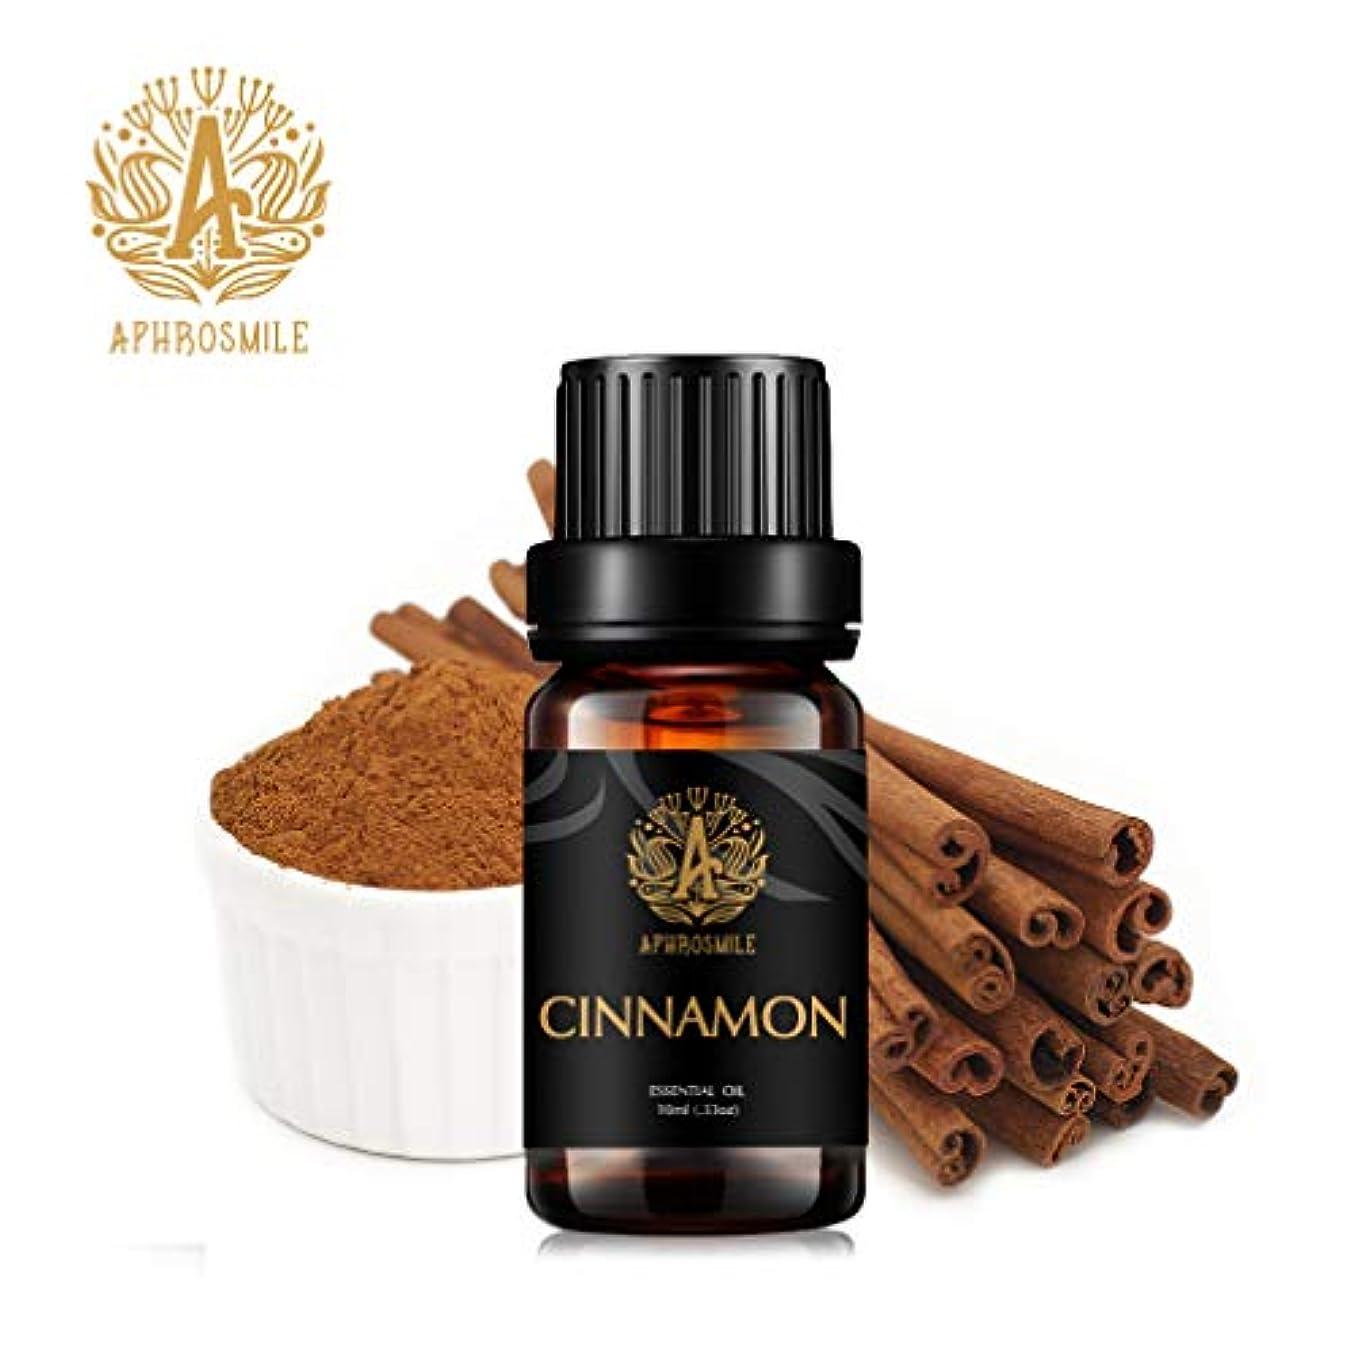 仕える記憶どんなときもシナモンのエッセンシャルオイル、100%ピュアアロマエッセンシャルオイルシナモン香り、疲弊を和らげる、治療用グレードエッセンシャルオイルシナモンフレグランス為にディフューザー、マッサージ、加湿器、デイリーケア、0.33オンス...